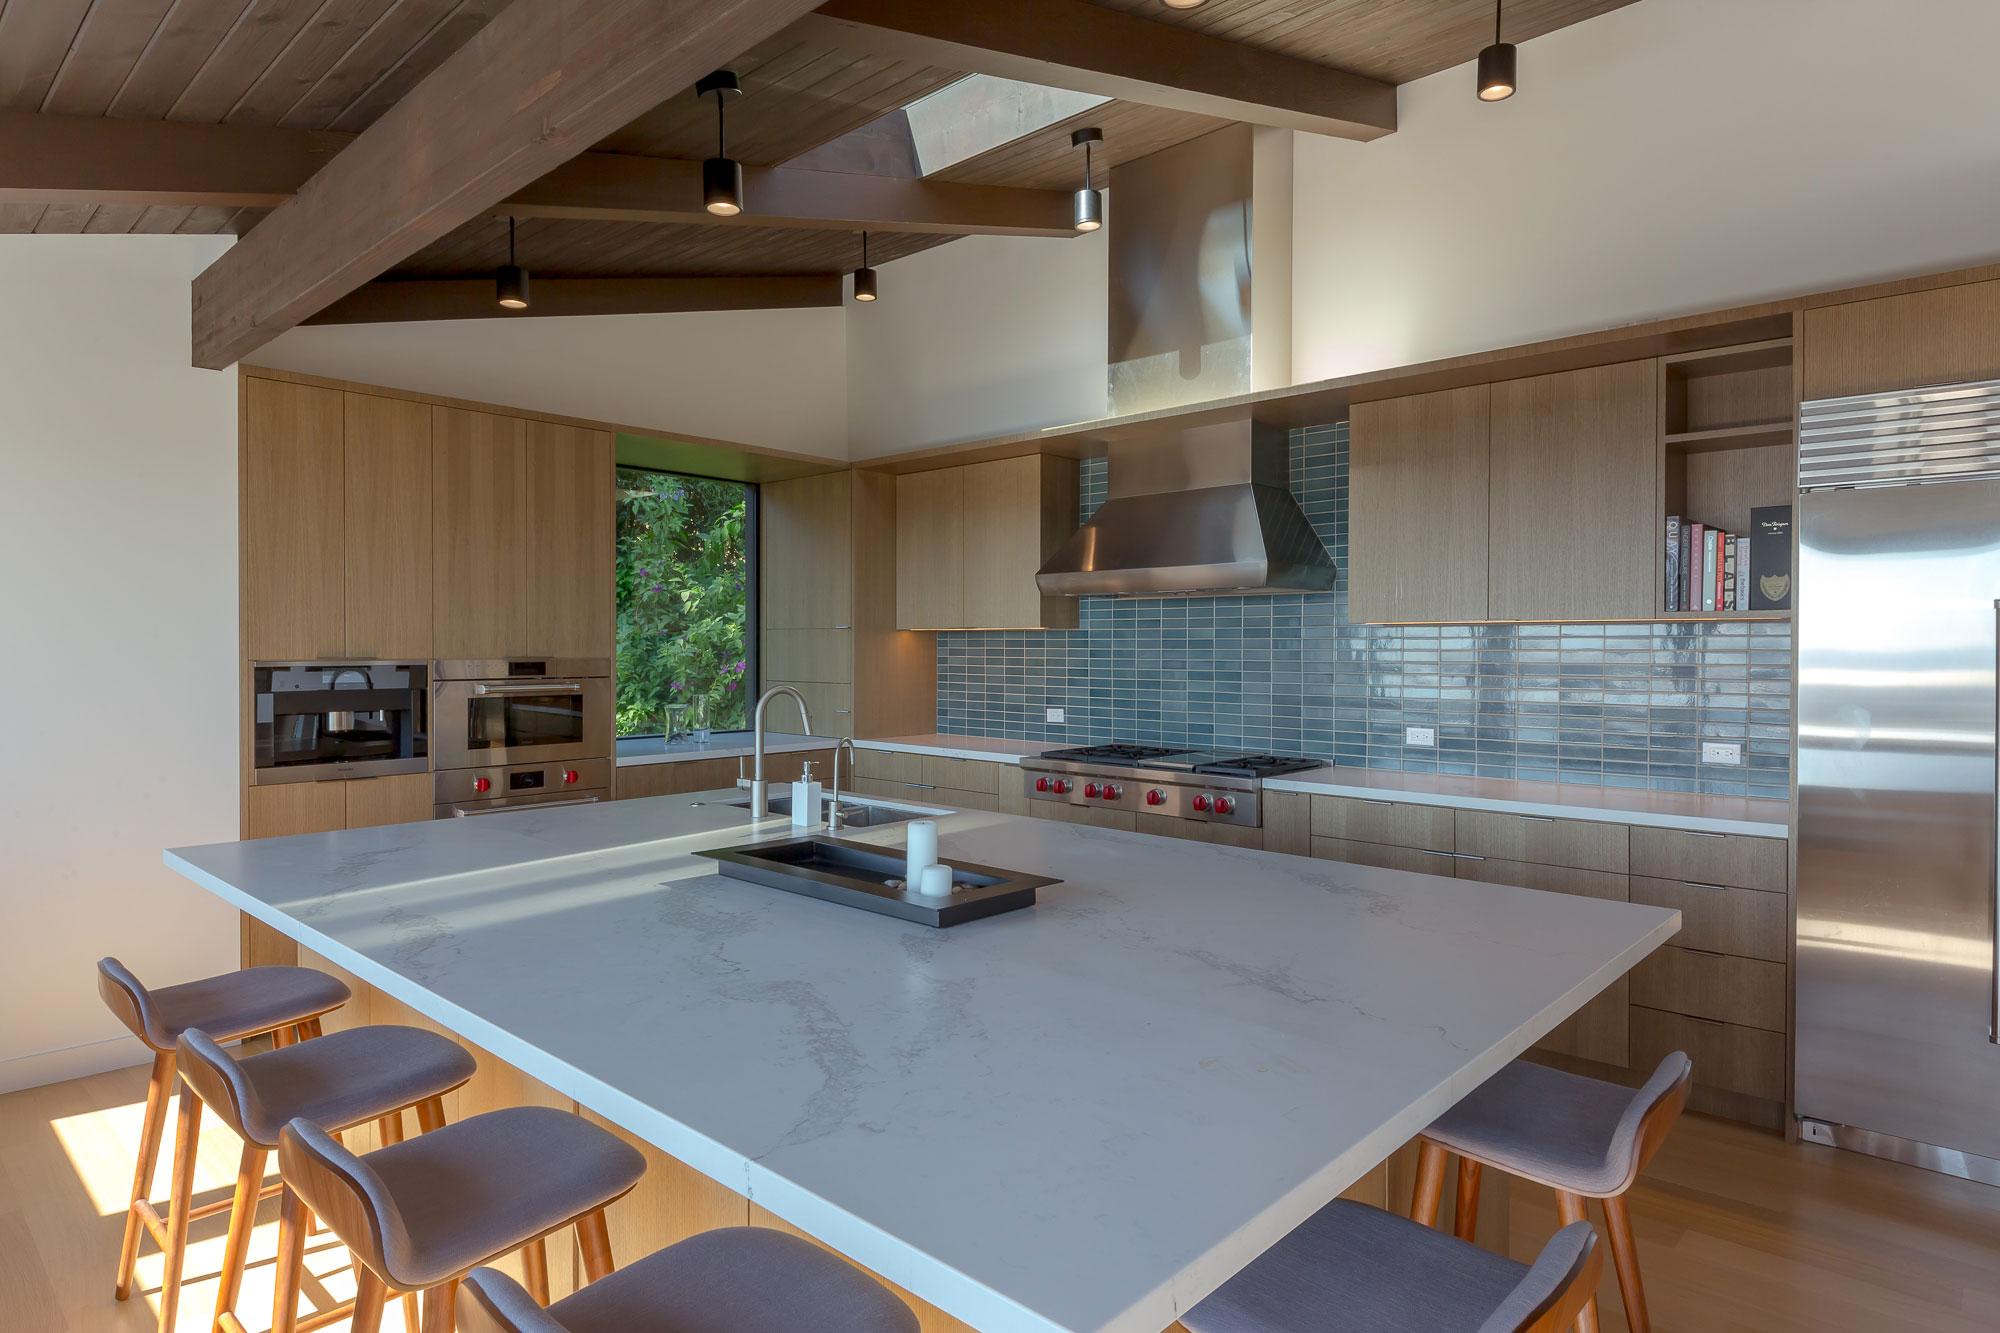 Piedmont HIllside Kitchen 02 Buestad Construction